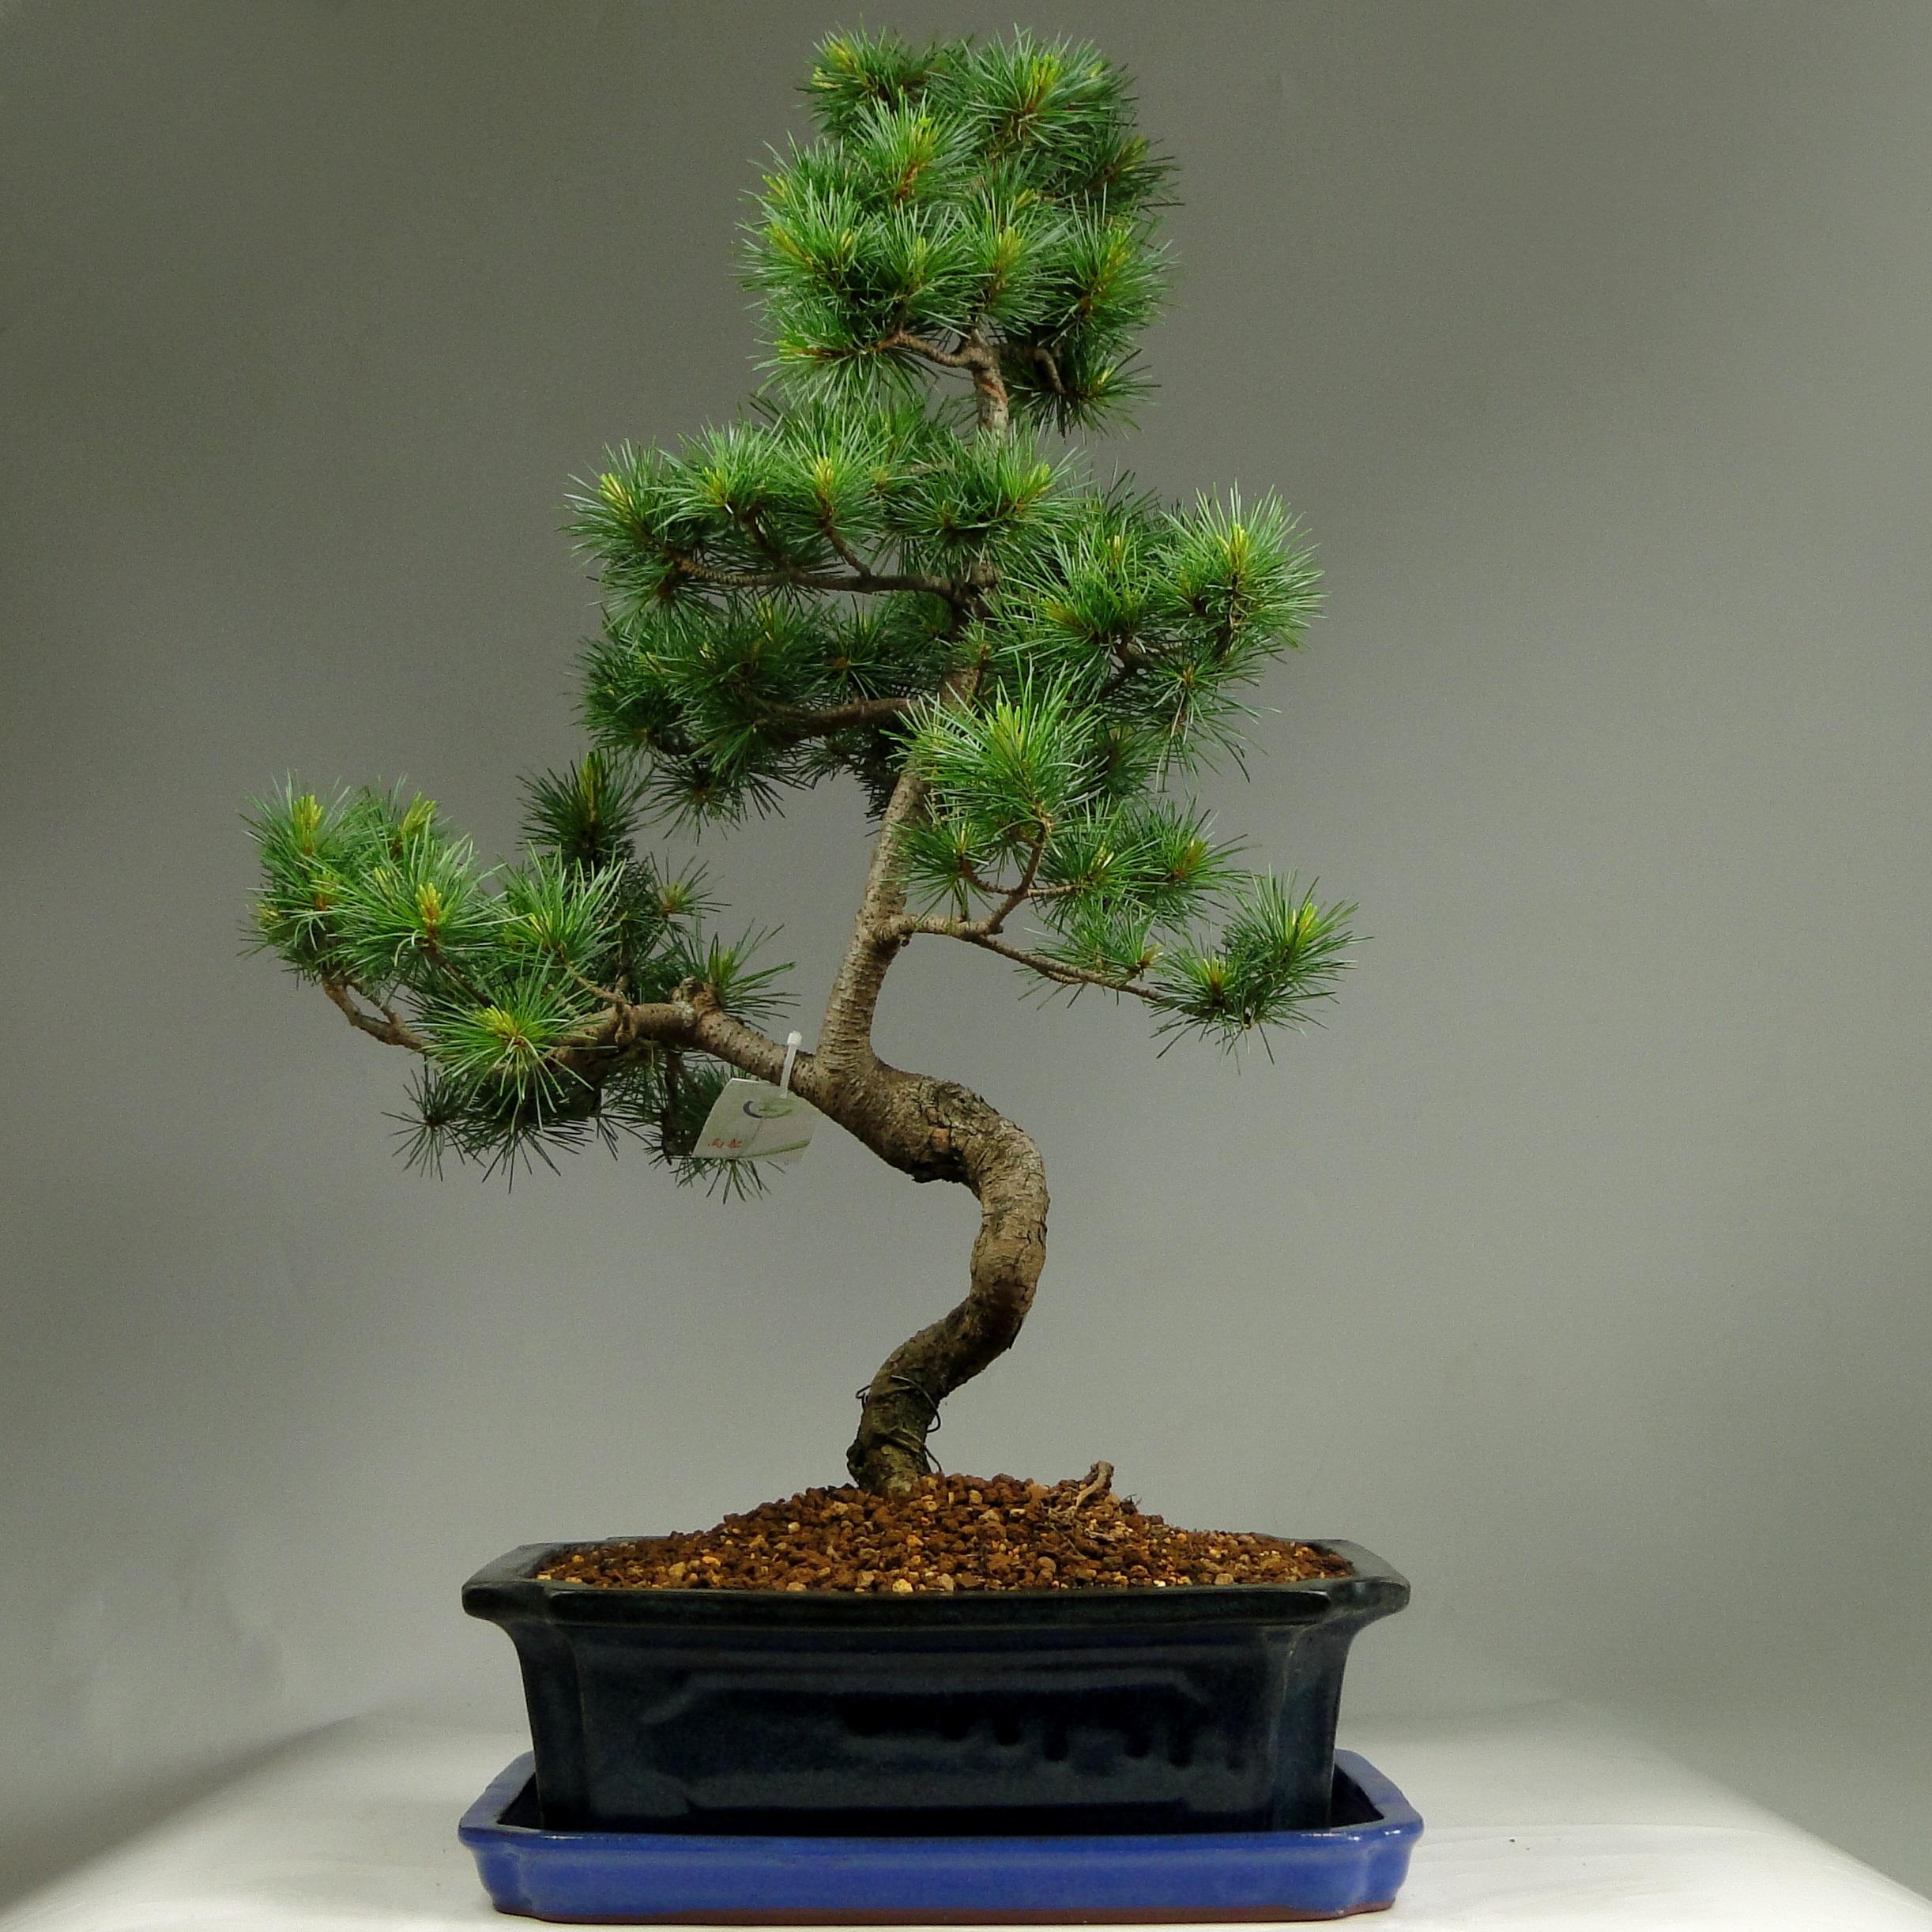 Бонсай сосна «Спящий дракон» 65 см